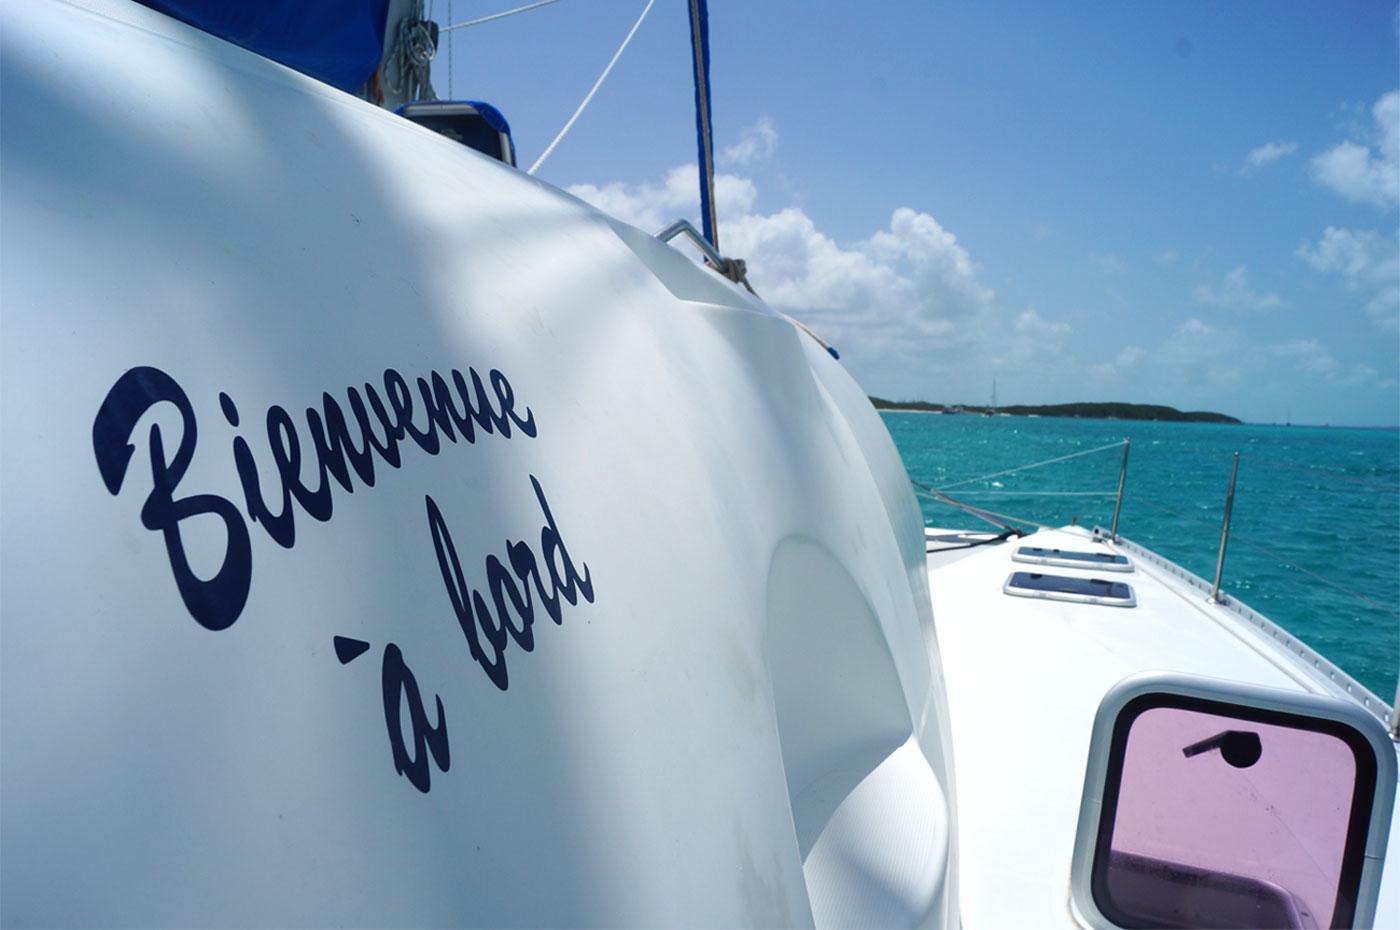 croisiere en catamaran aux bahamas avec un skipper